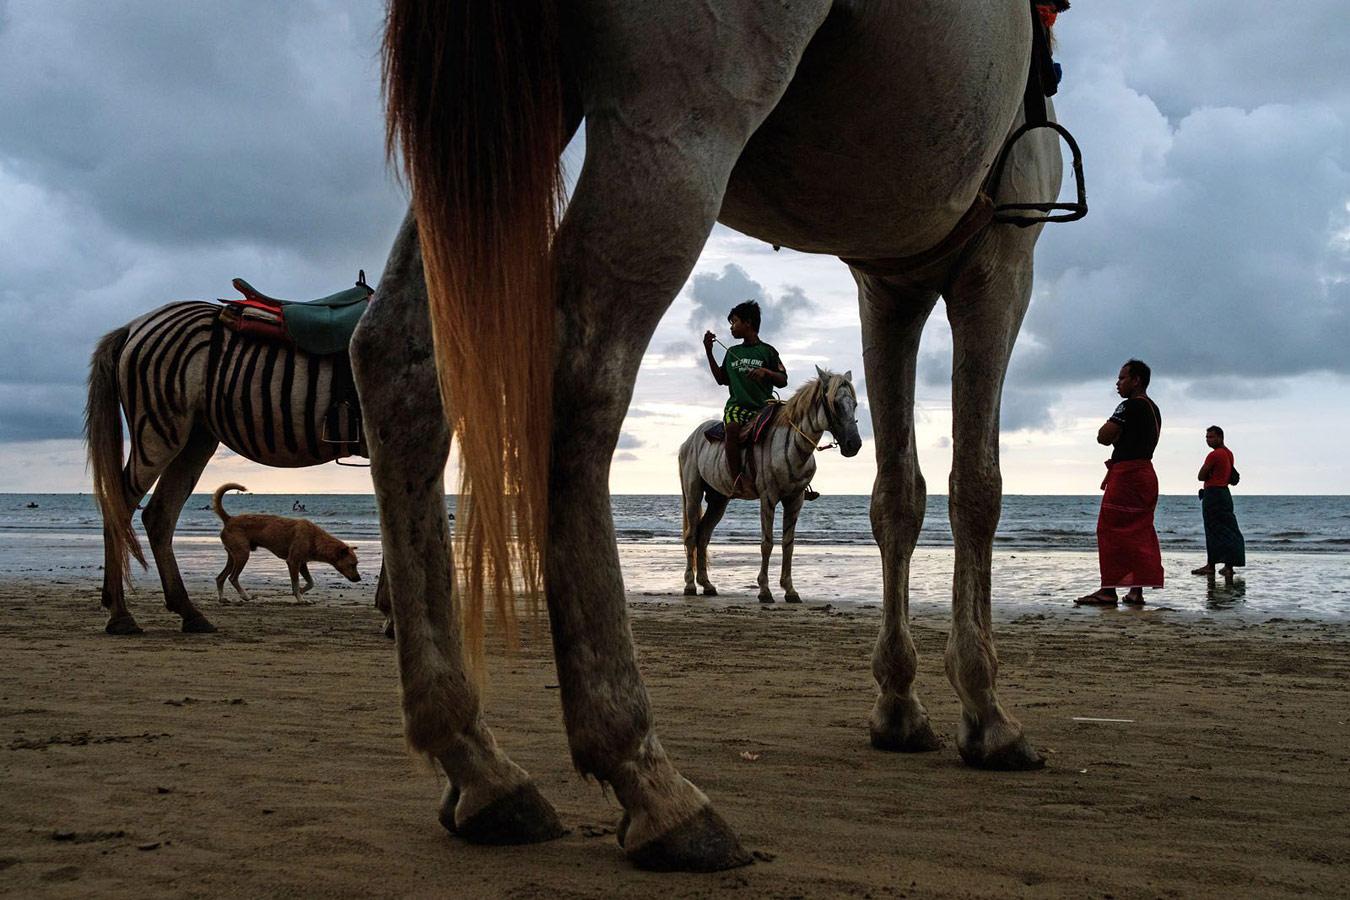 Пляжная сцена, Чаунг Тха, Мьянма, © Масиж Дакович, Польша, 1 место, Фотоконкурс уличной фотографии LensCulture